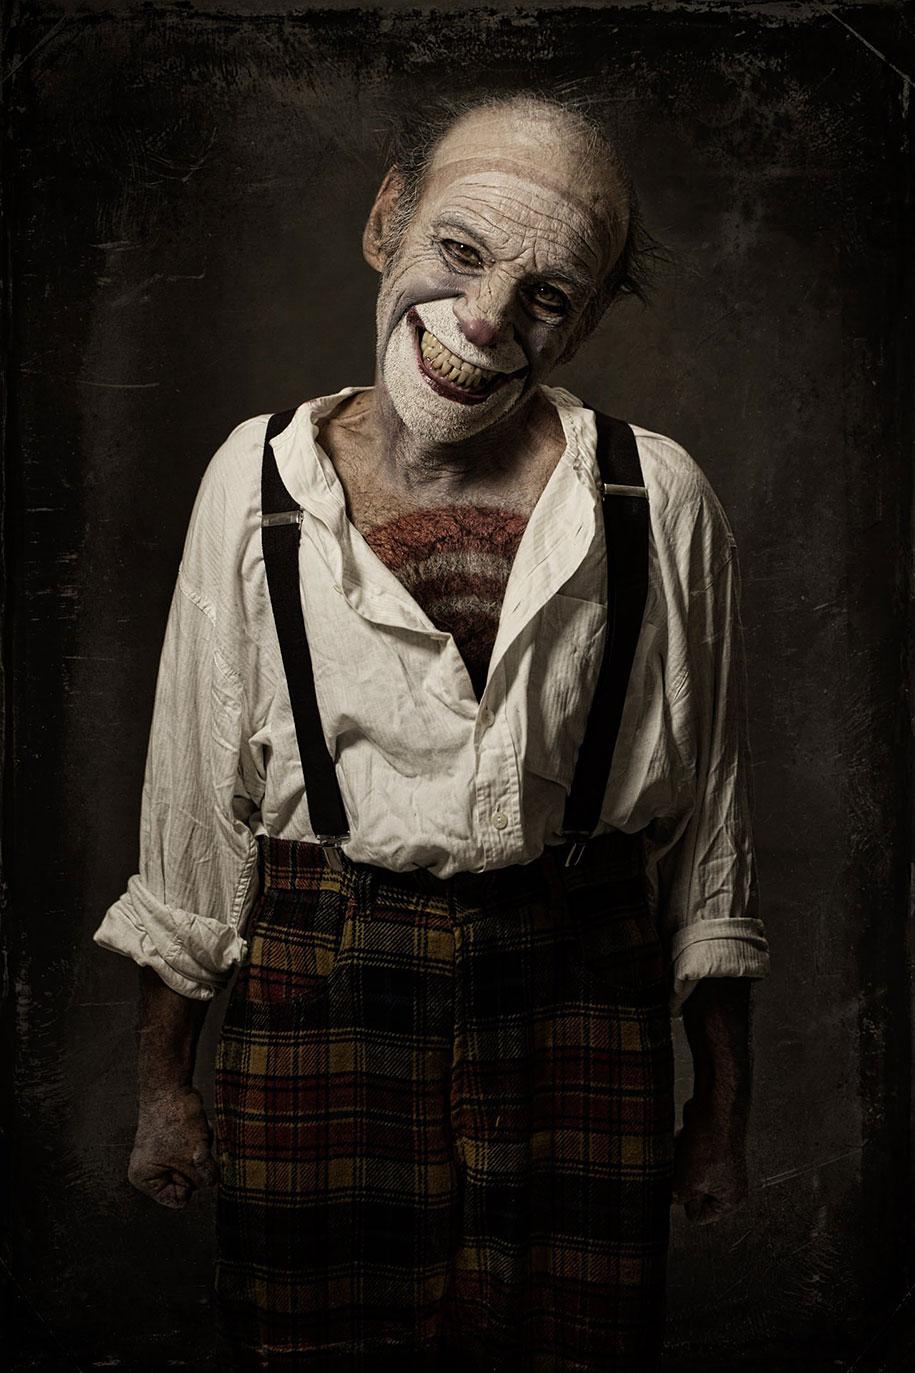 Clownville, Eolo Perfido